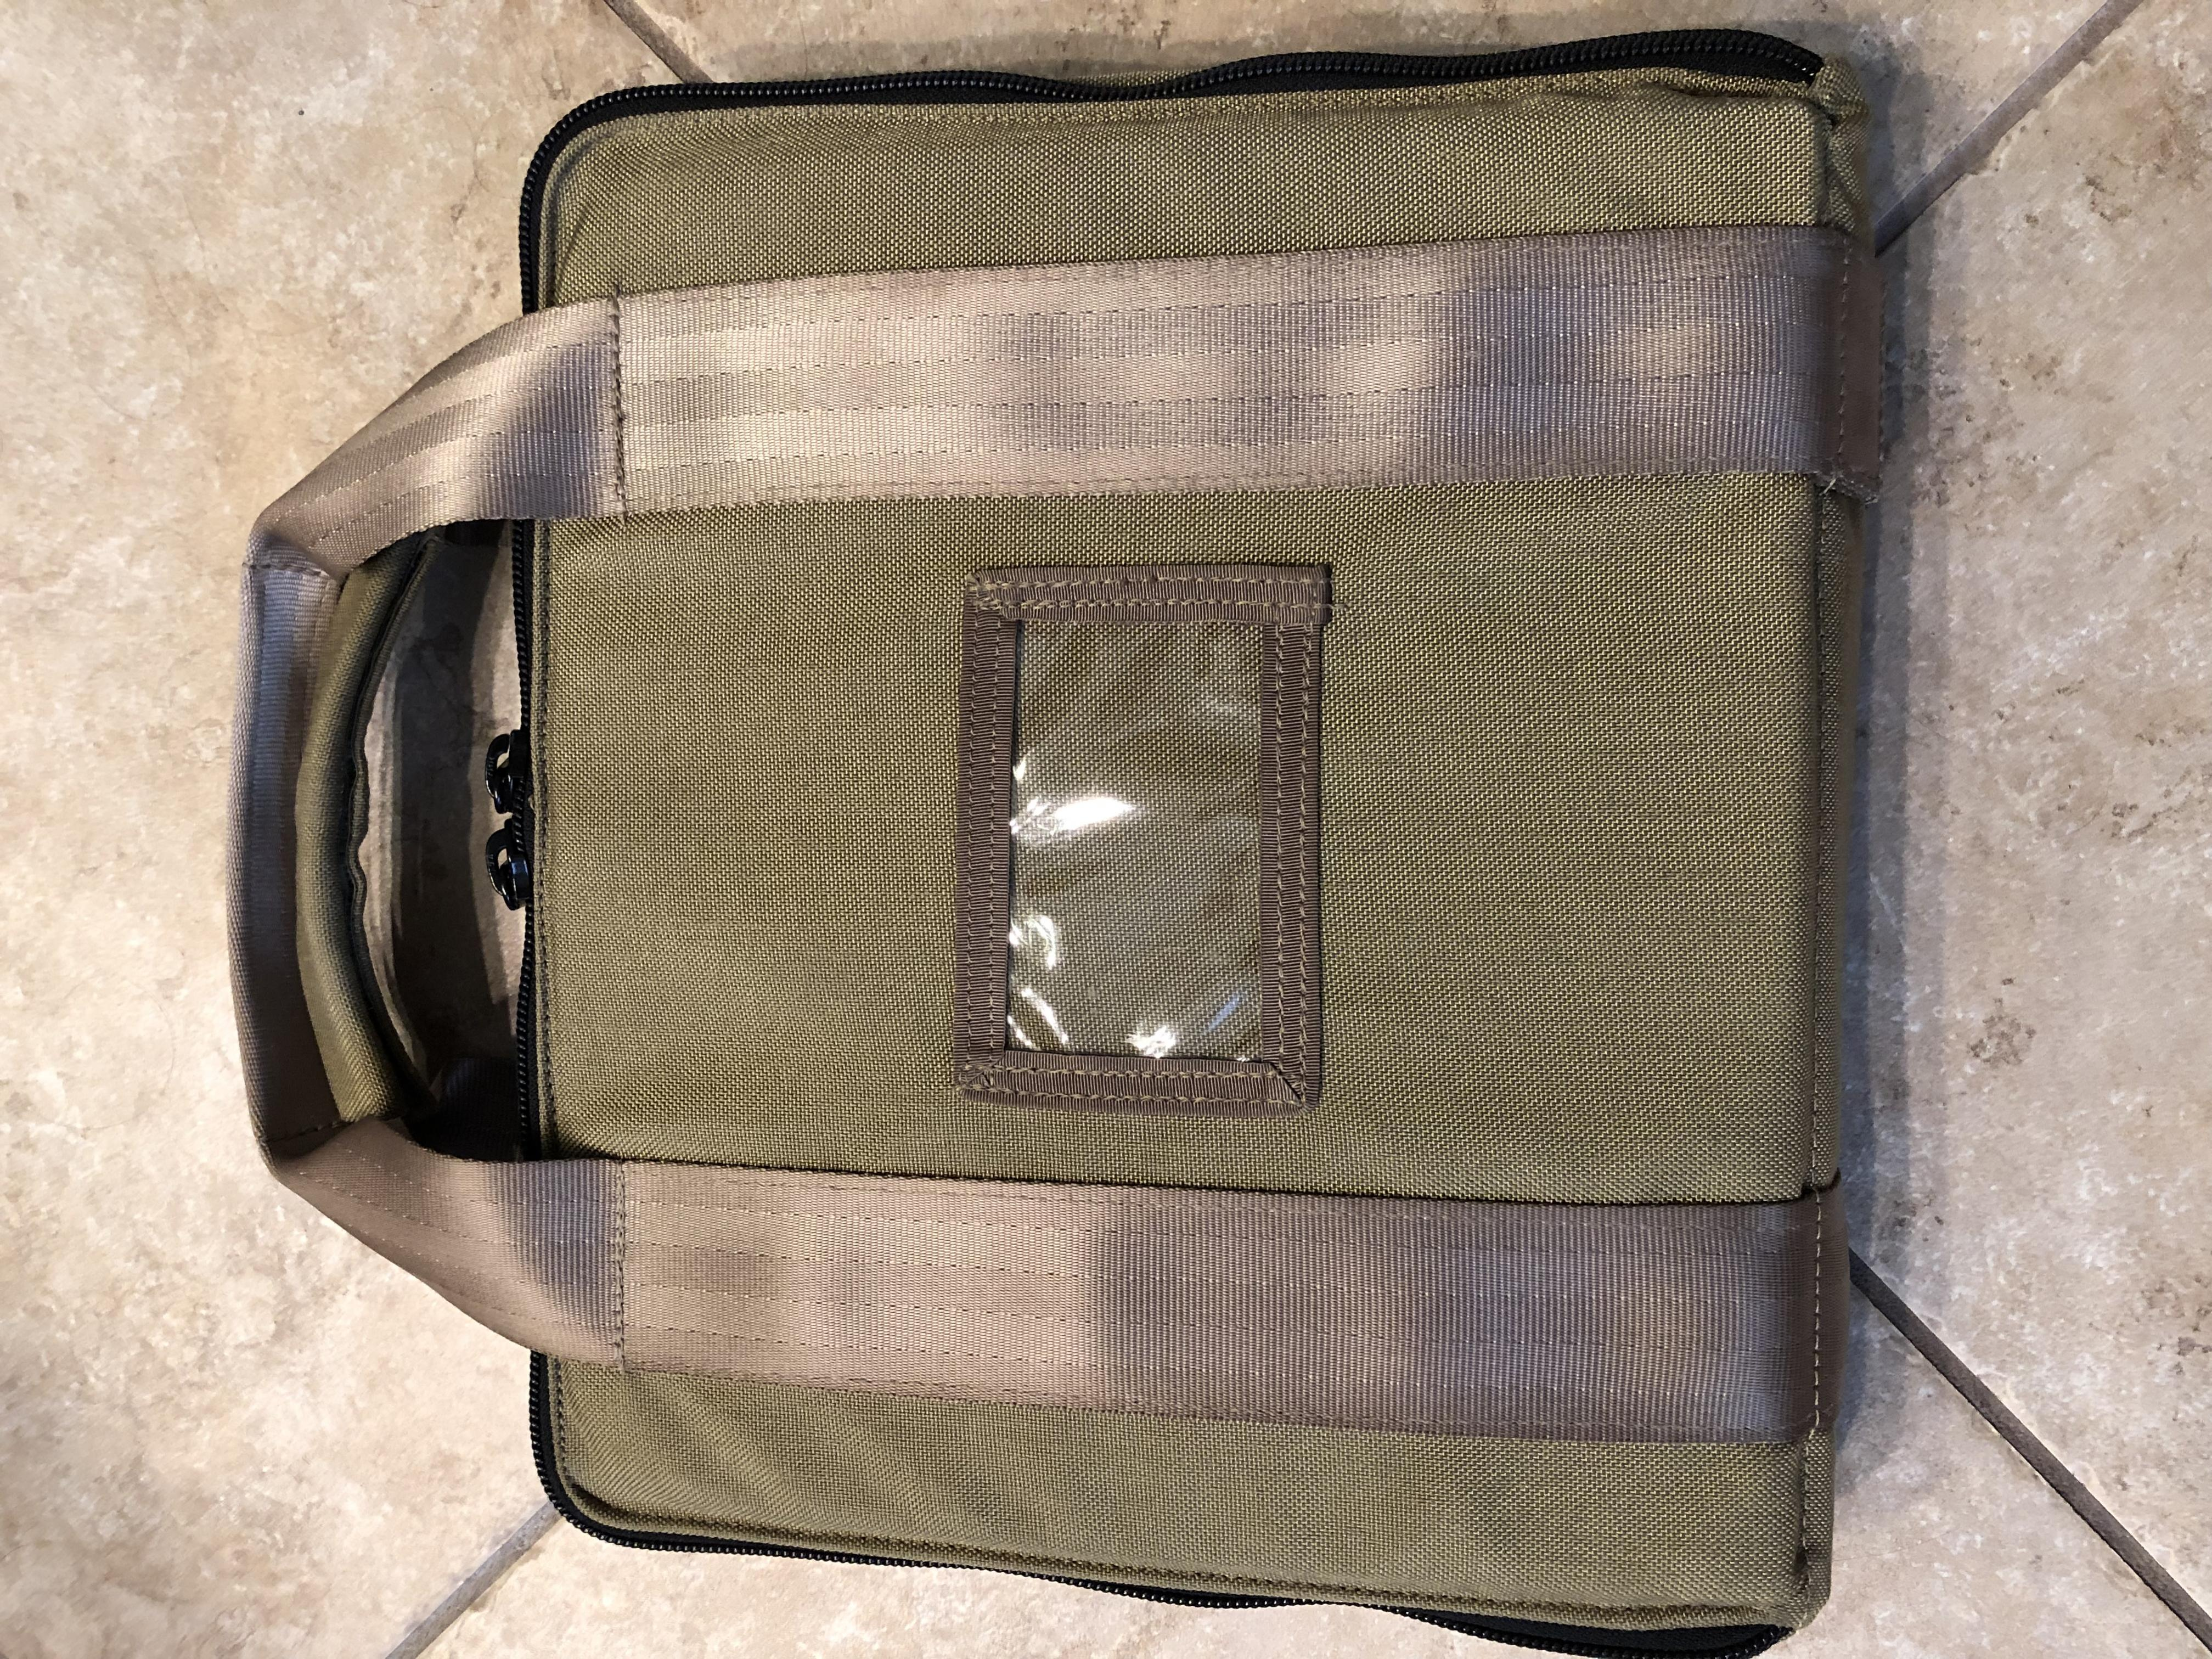 SOLD: HK USP .45 Tan Tactical (FDE)-9ac19270-daa9-4f62-81e8-ec6f7e6f6078.jpg